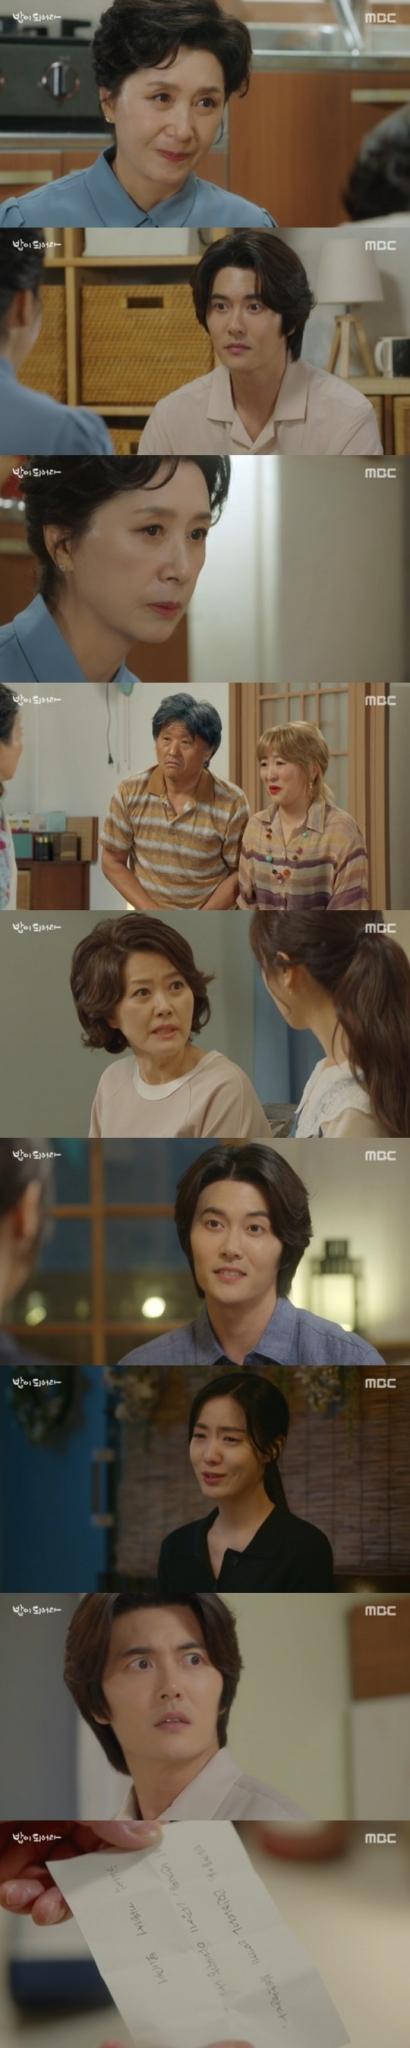 MBC '밥이 되어라' © 뉴스1